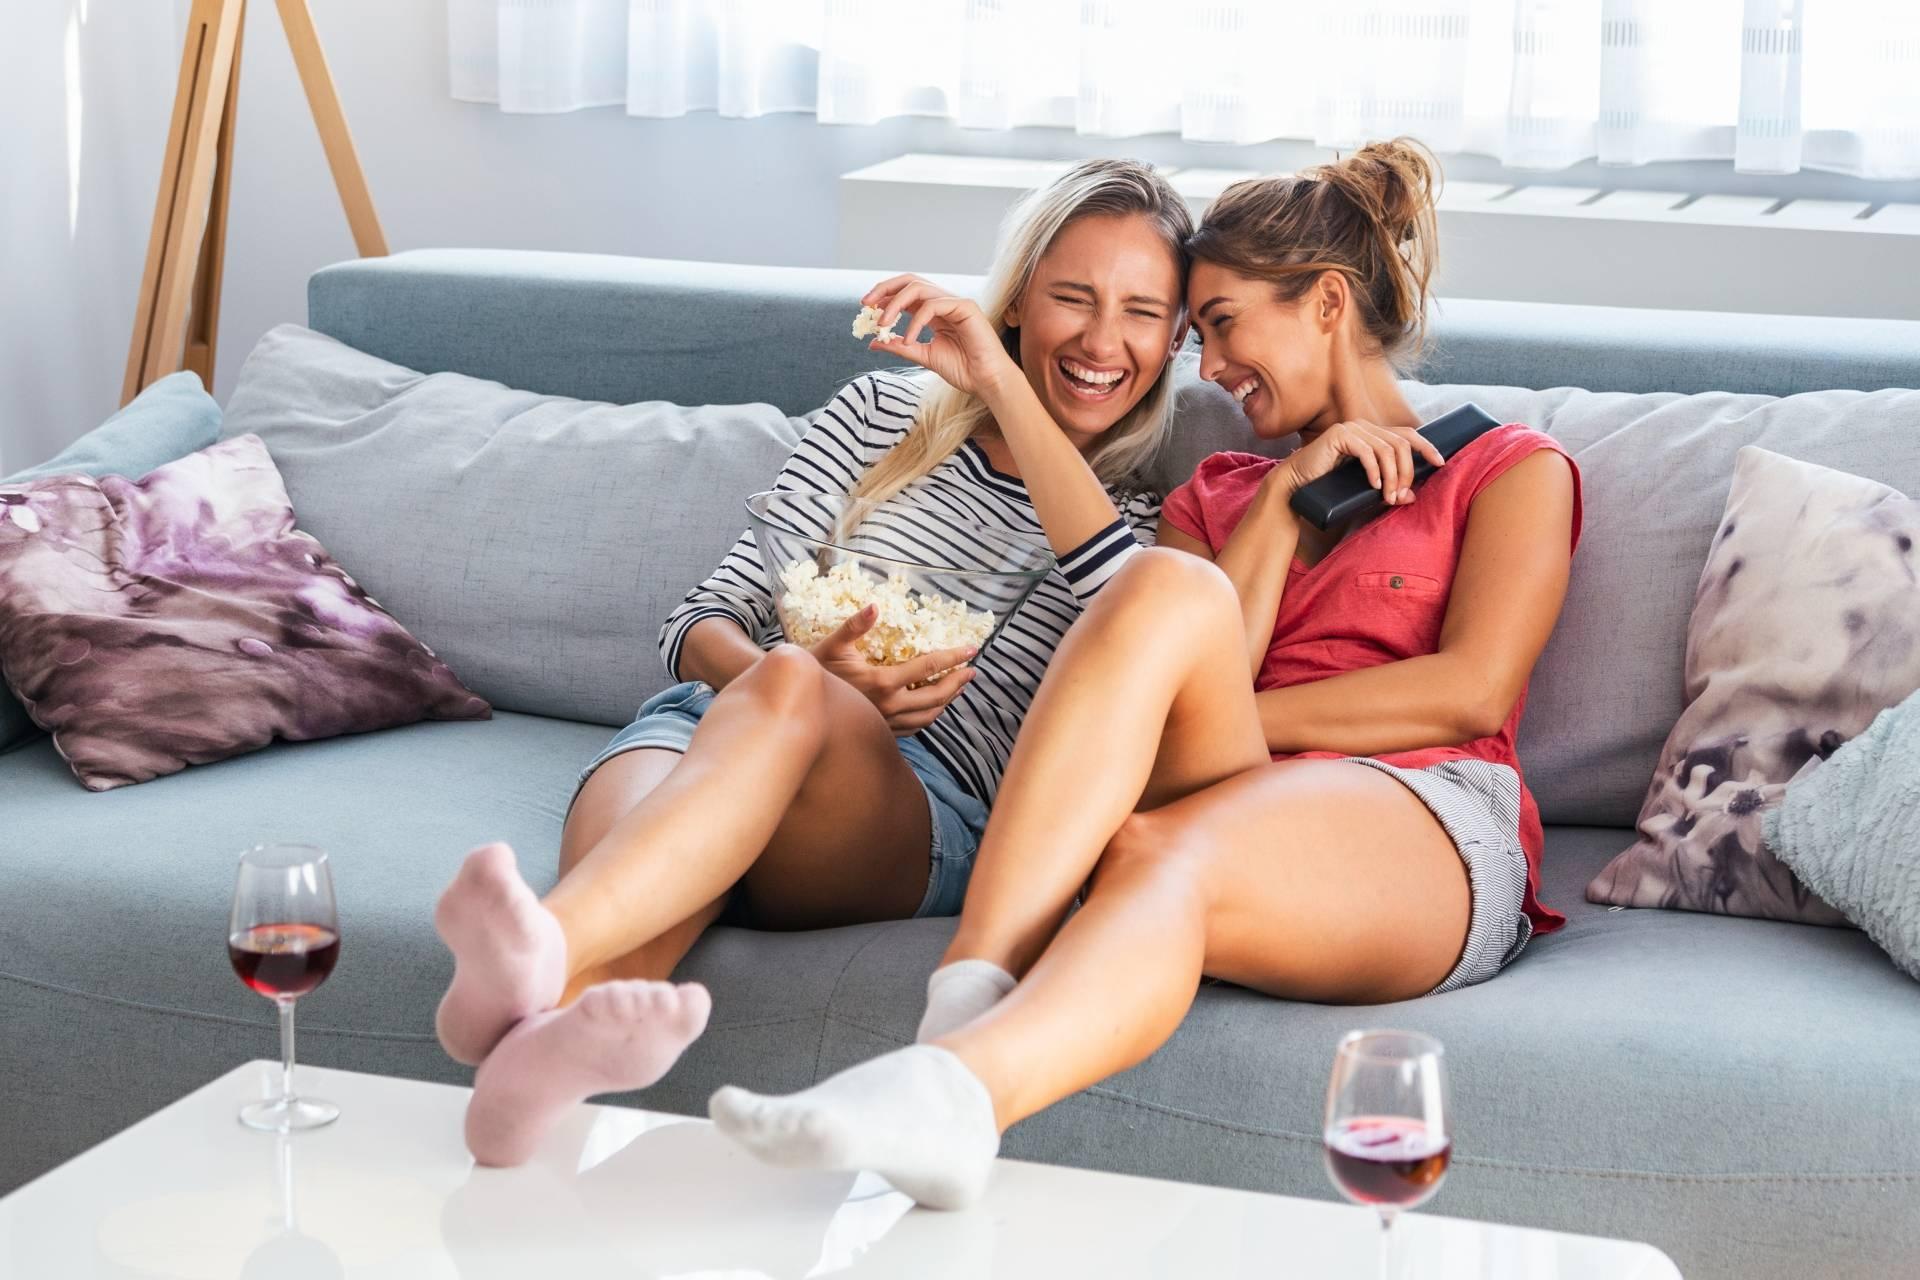 Kobiece seriale na poprawę nastroju. Dwie przyjaciółki siedzą na kanapie, śmieją się i oglądają serial.